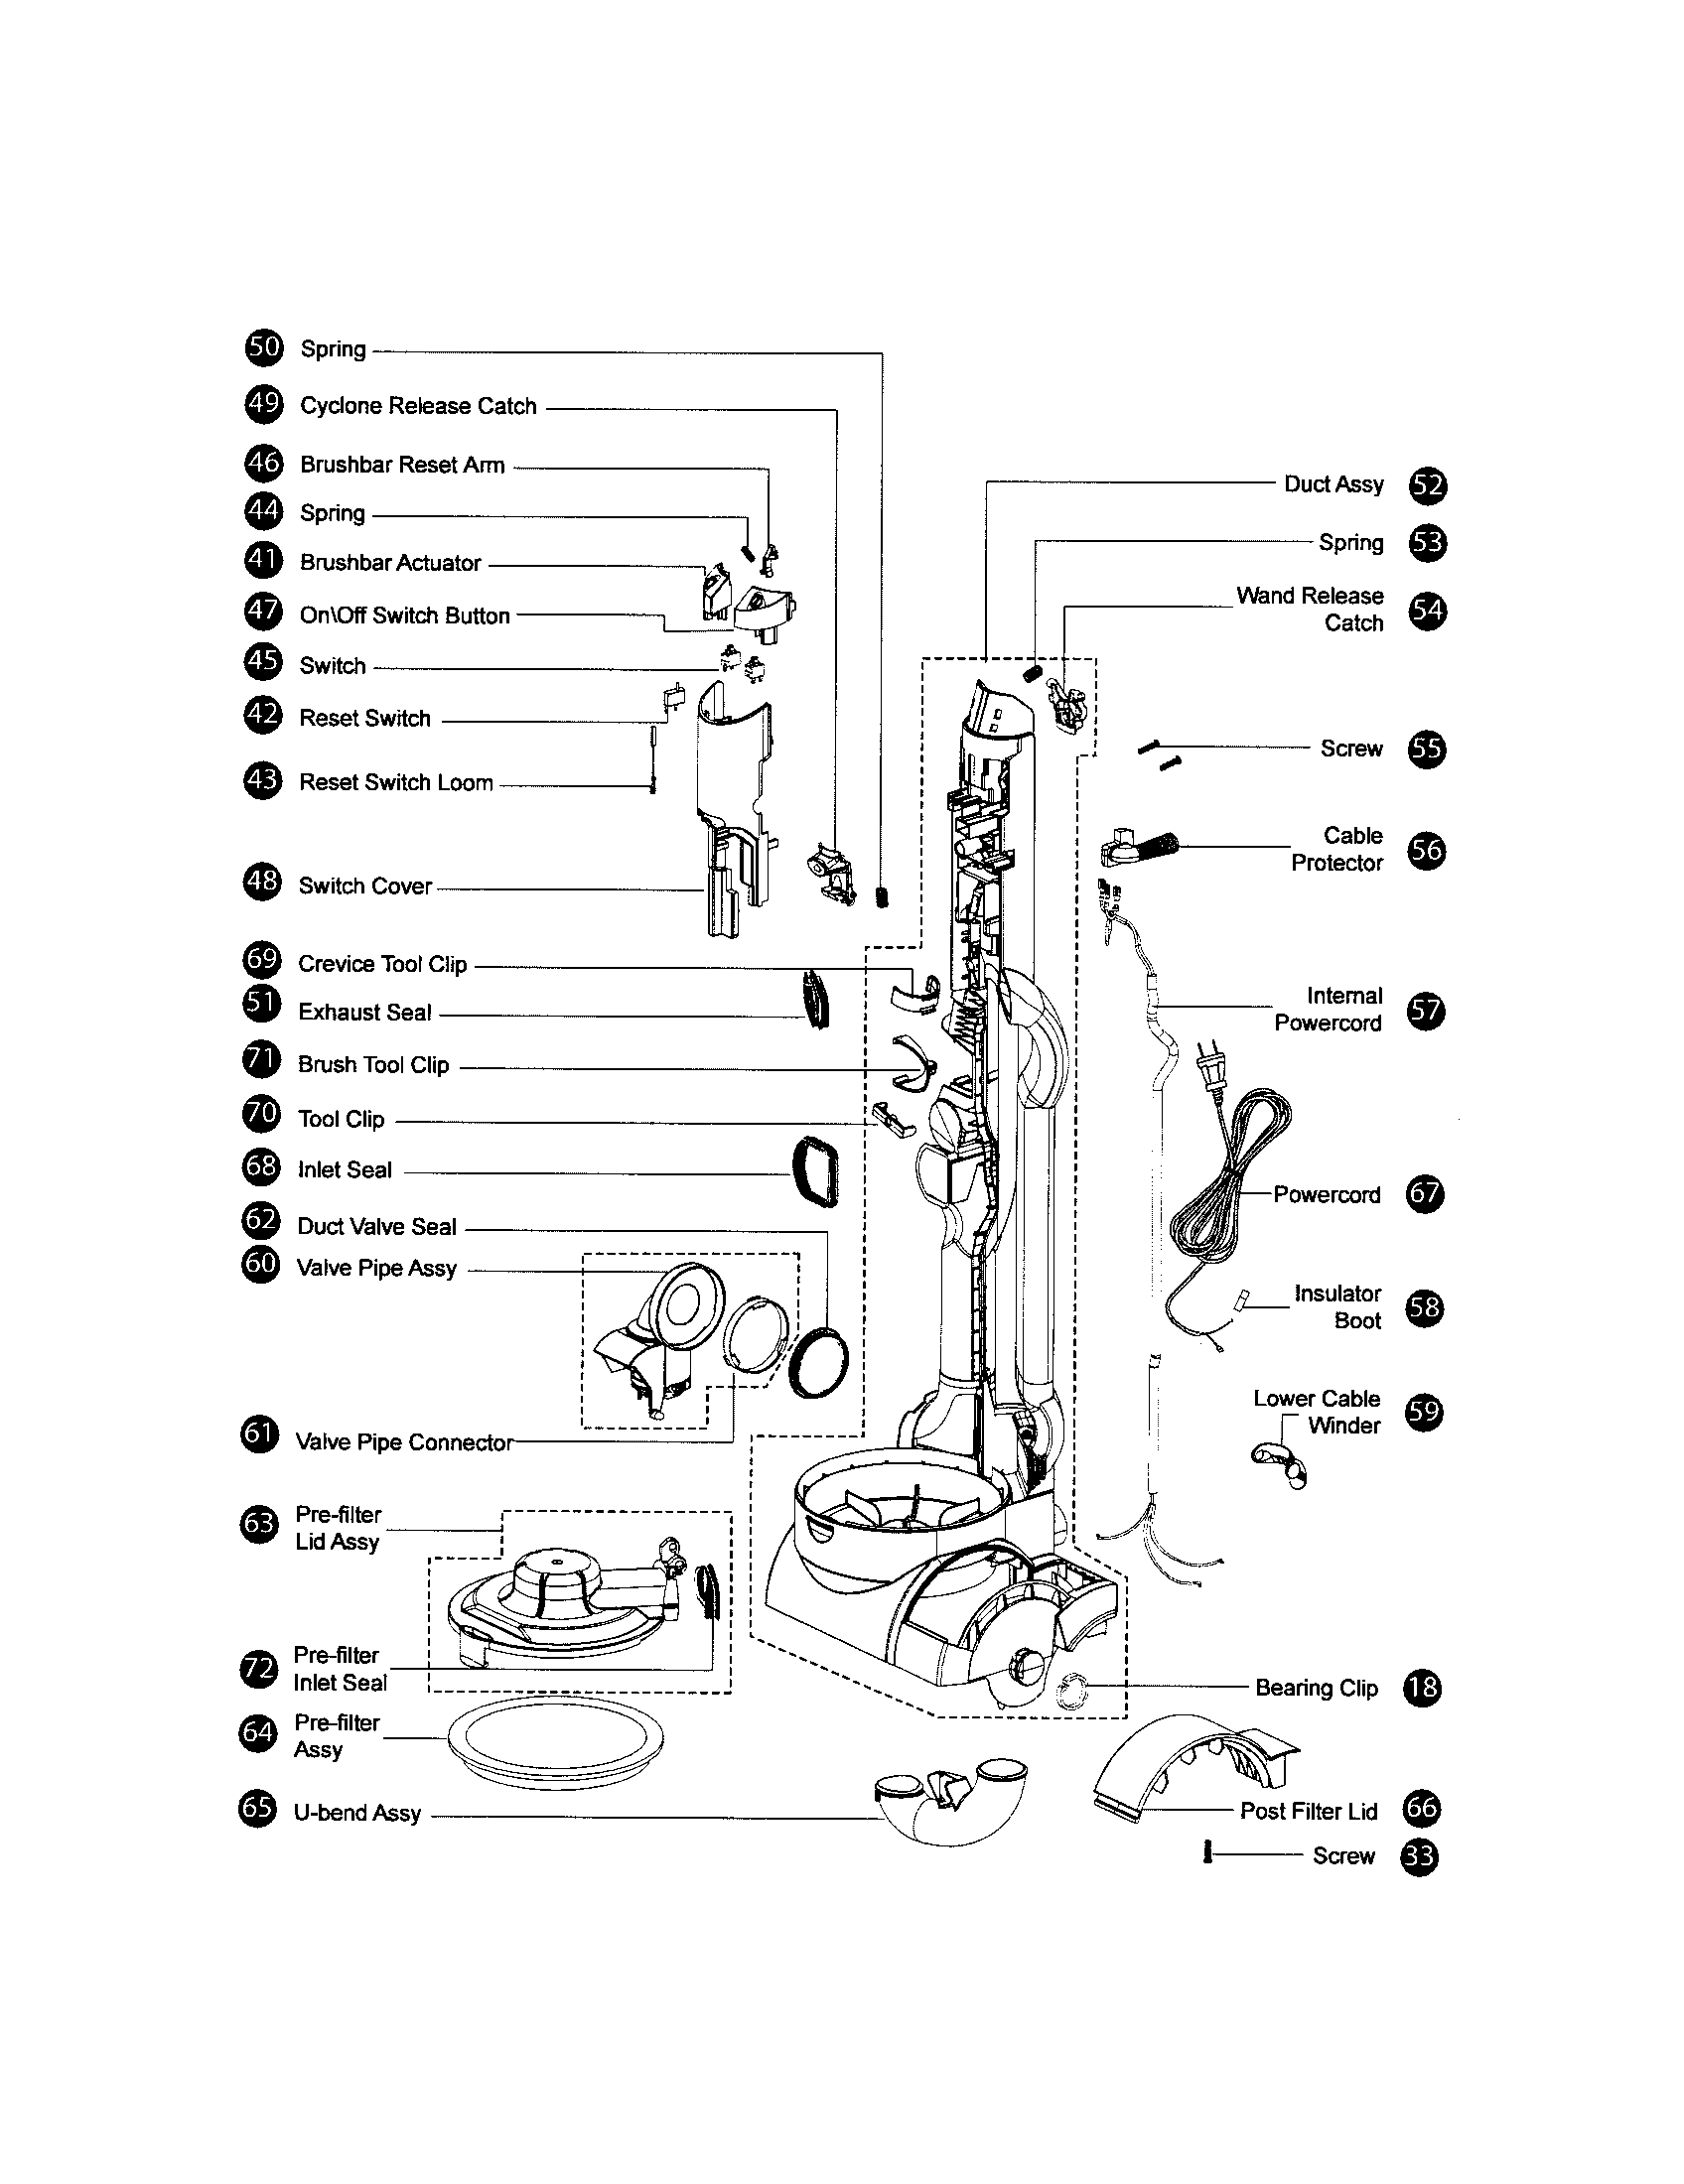 dc17 wiring diagram